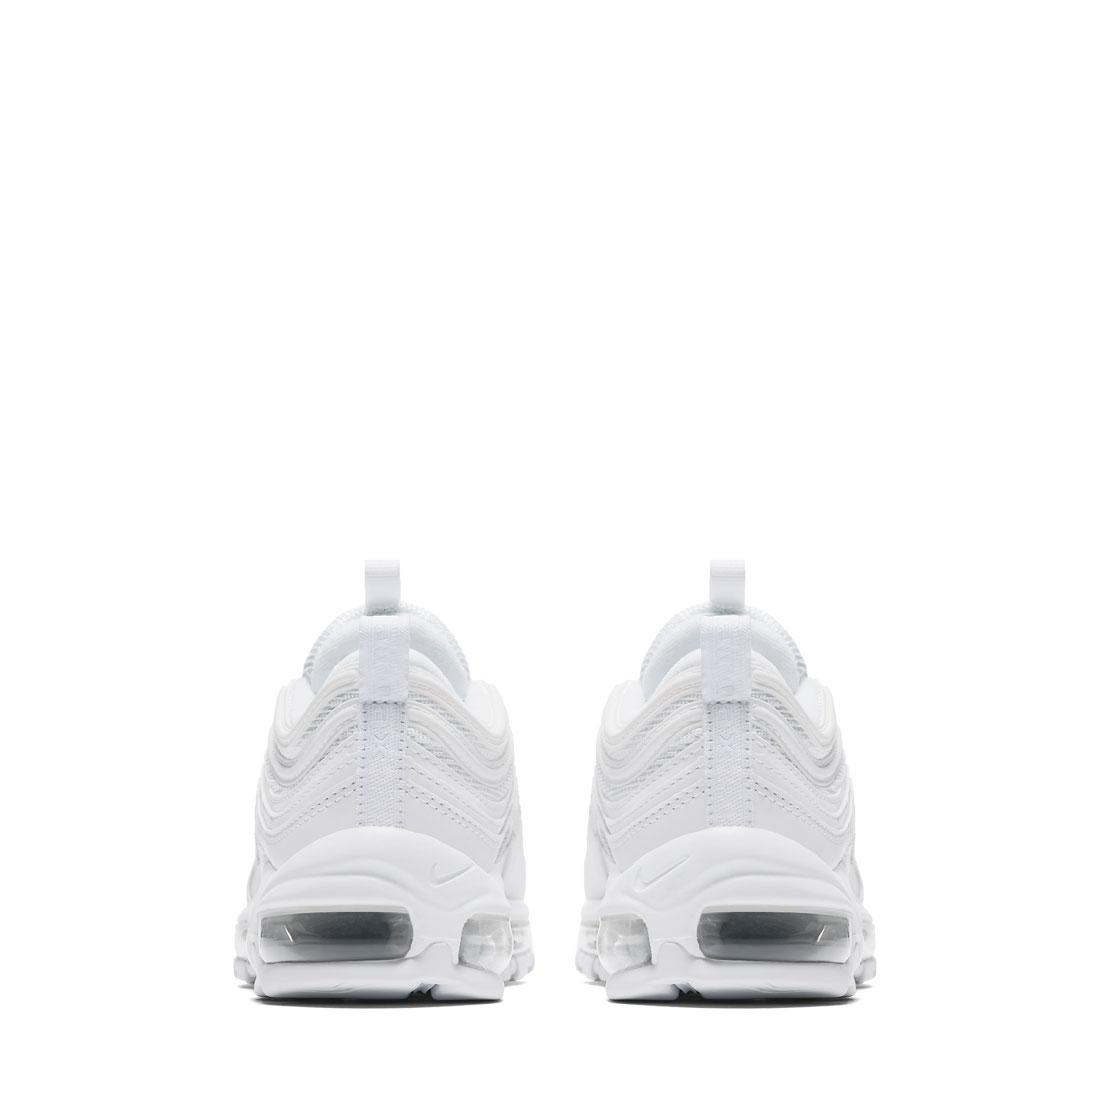 Nike Air Max 97 GS 921522 100    timsport.pl darmowa